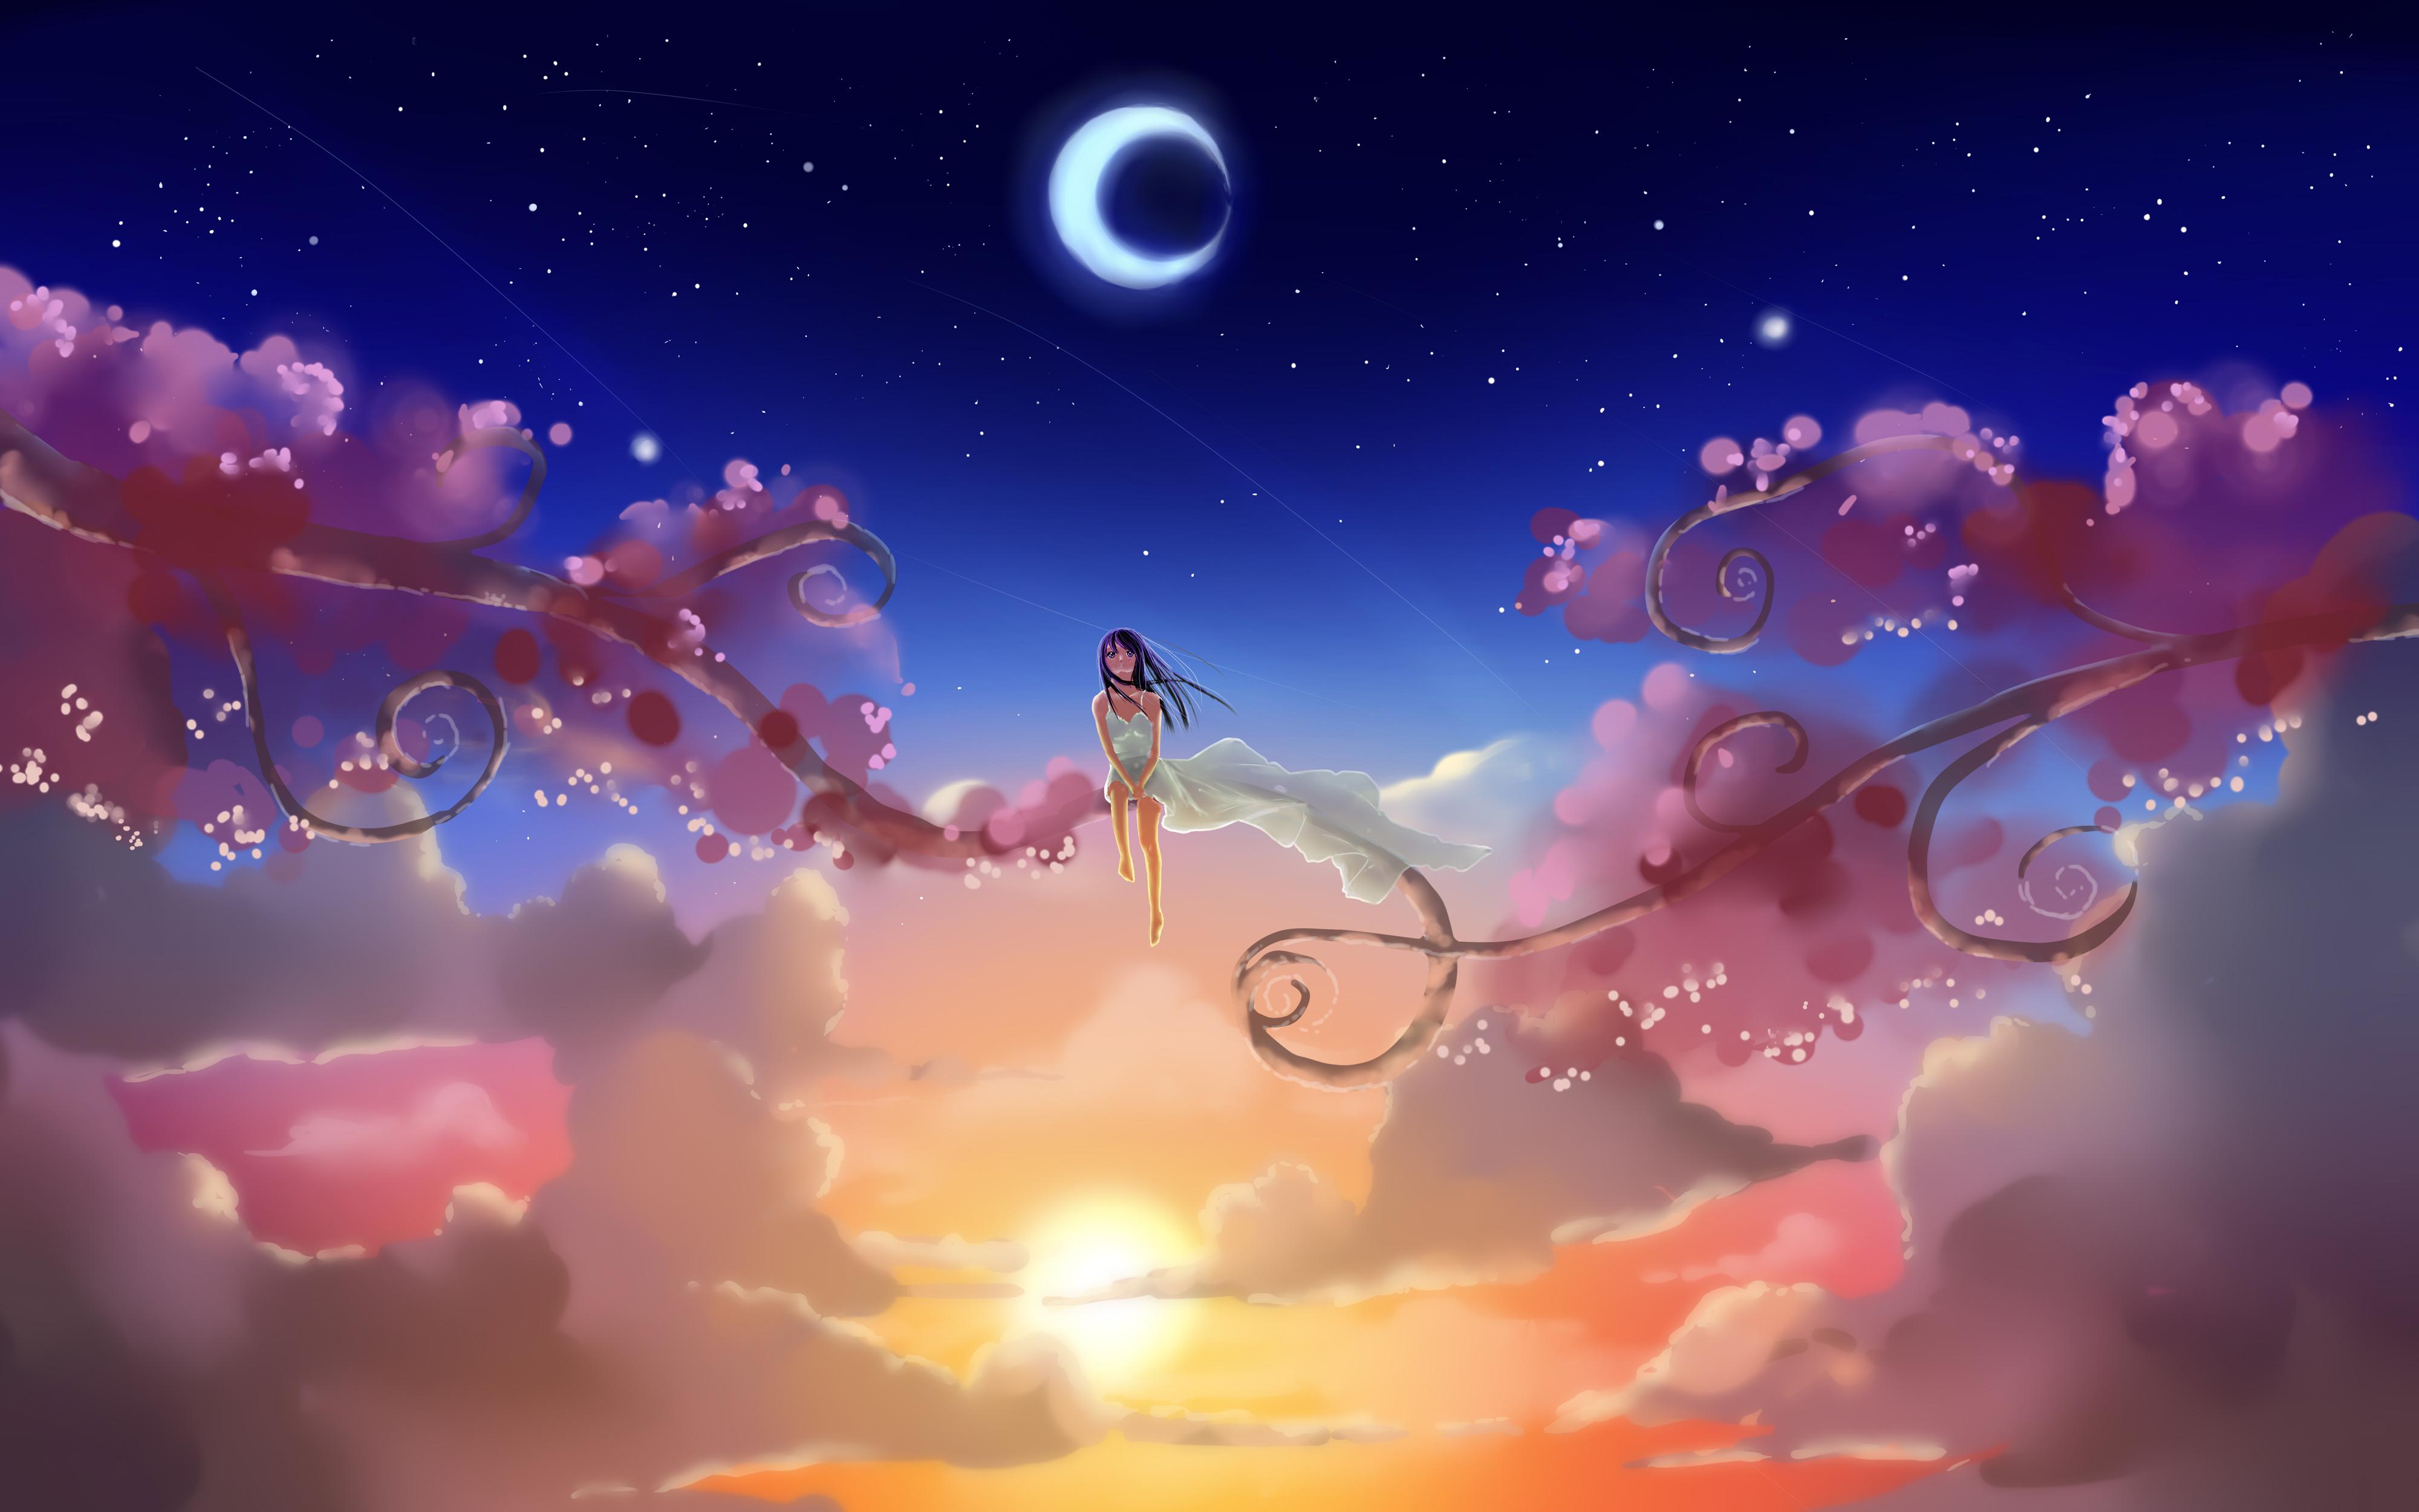 Принцесса под небесными фонариками  № 2222731 бесплатно